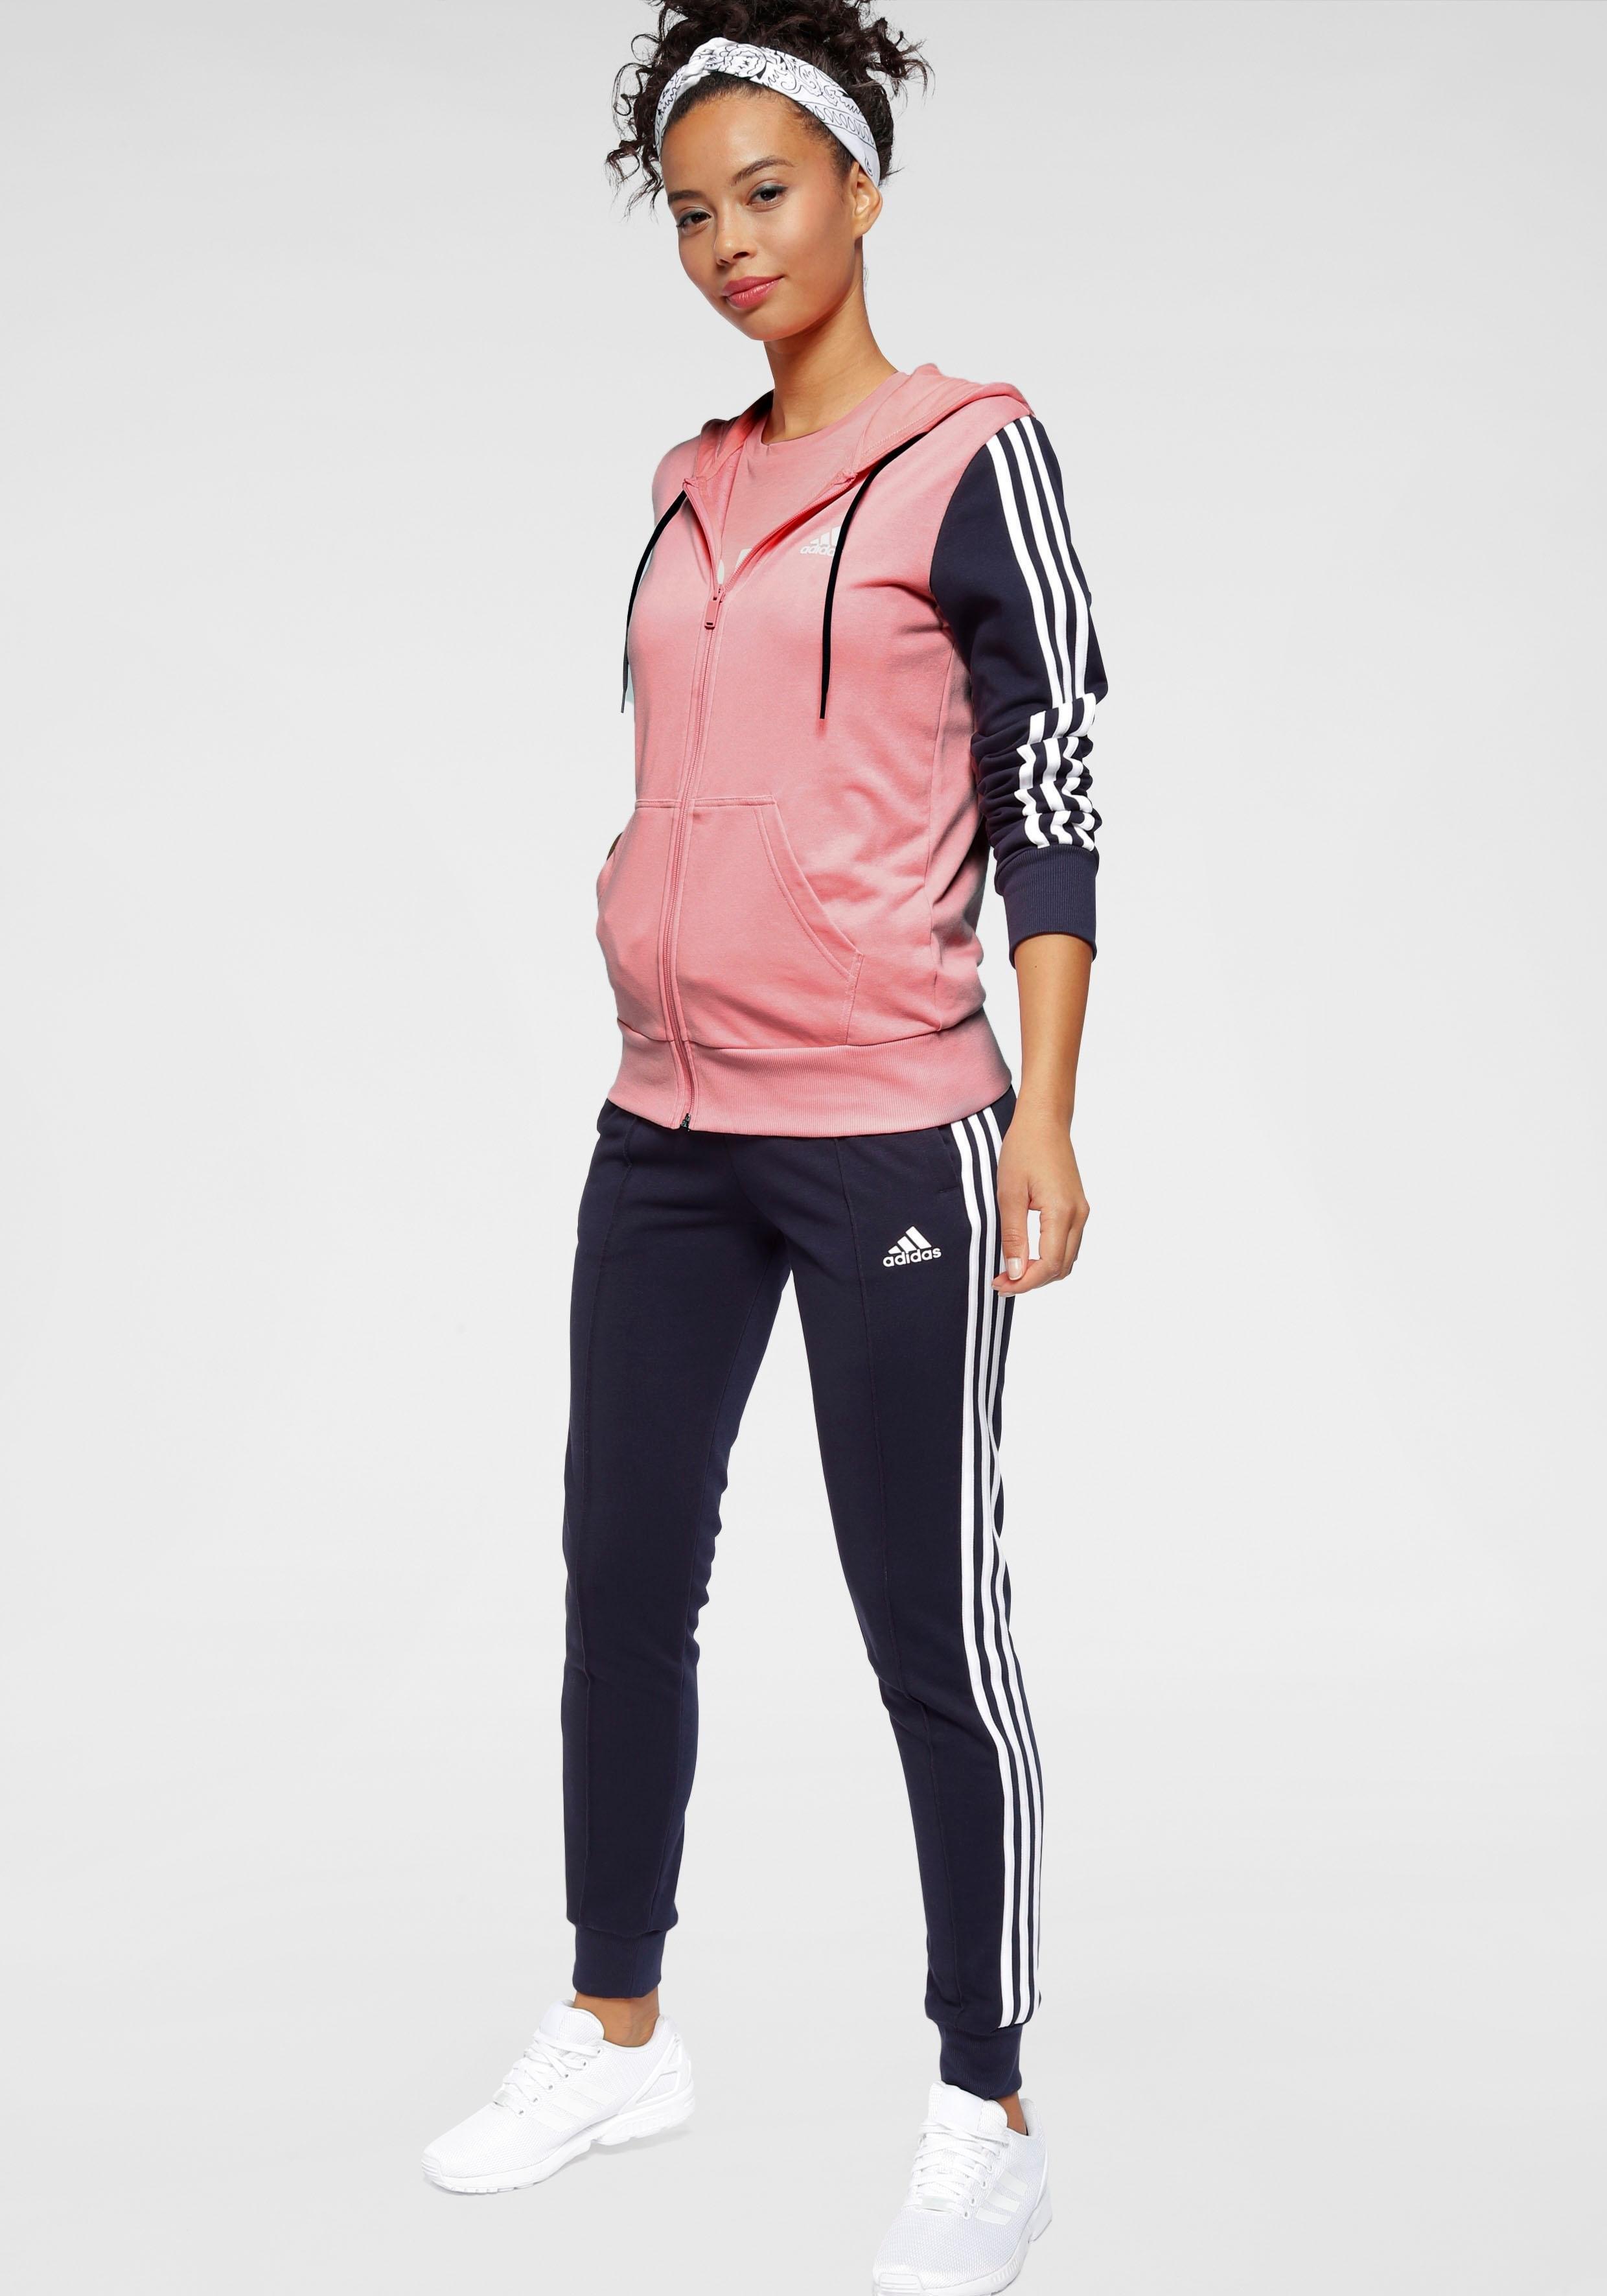 adidas Performance joggingpak »TRACKSUIT TEAMSPORT« (Set, 2 tlg.) bestellen: 30 dagen bedenktijd